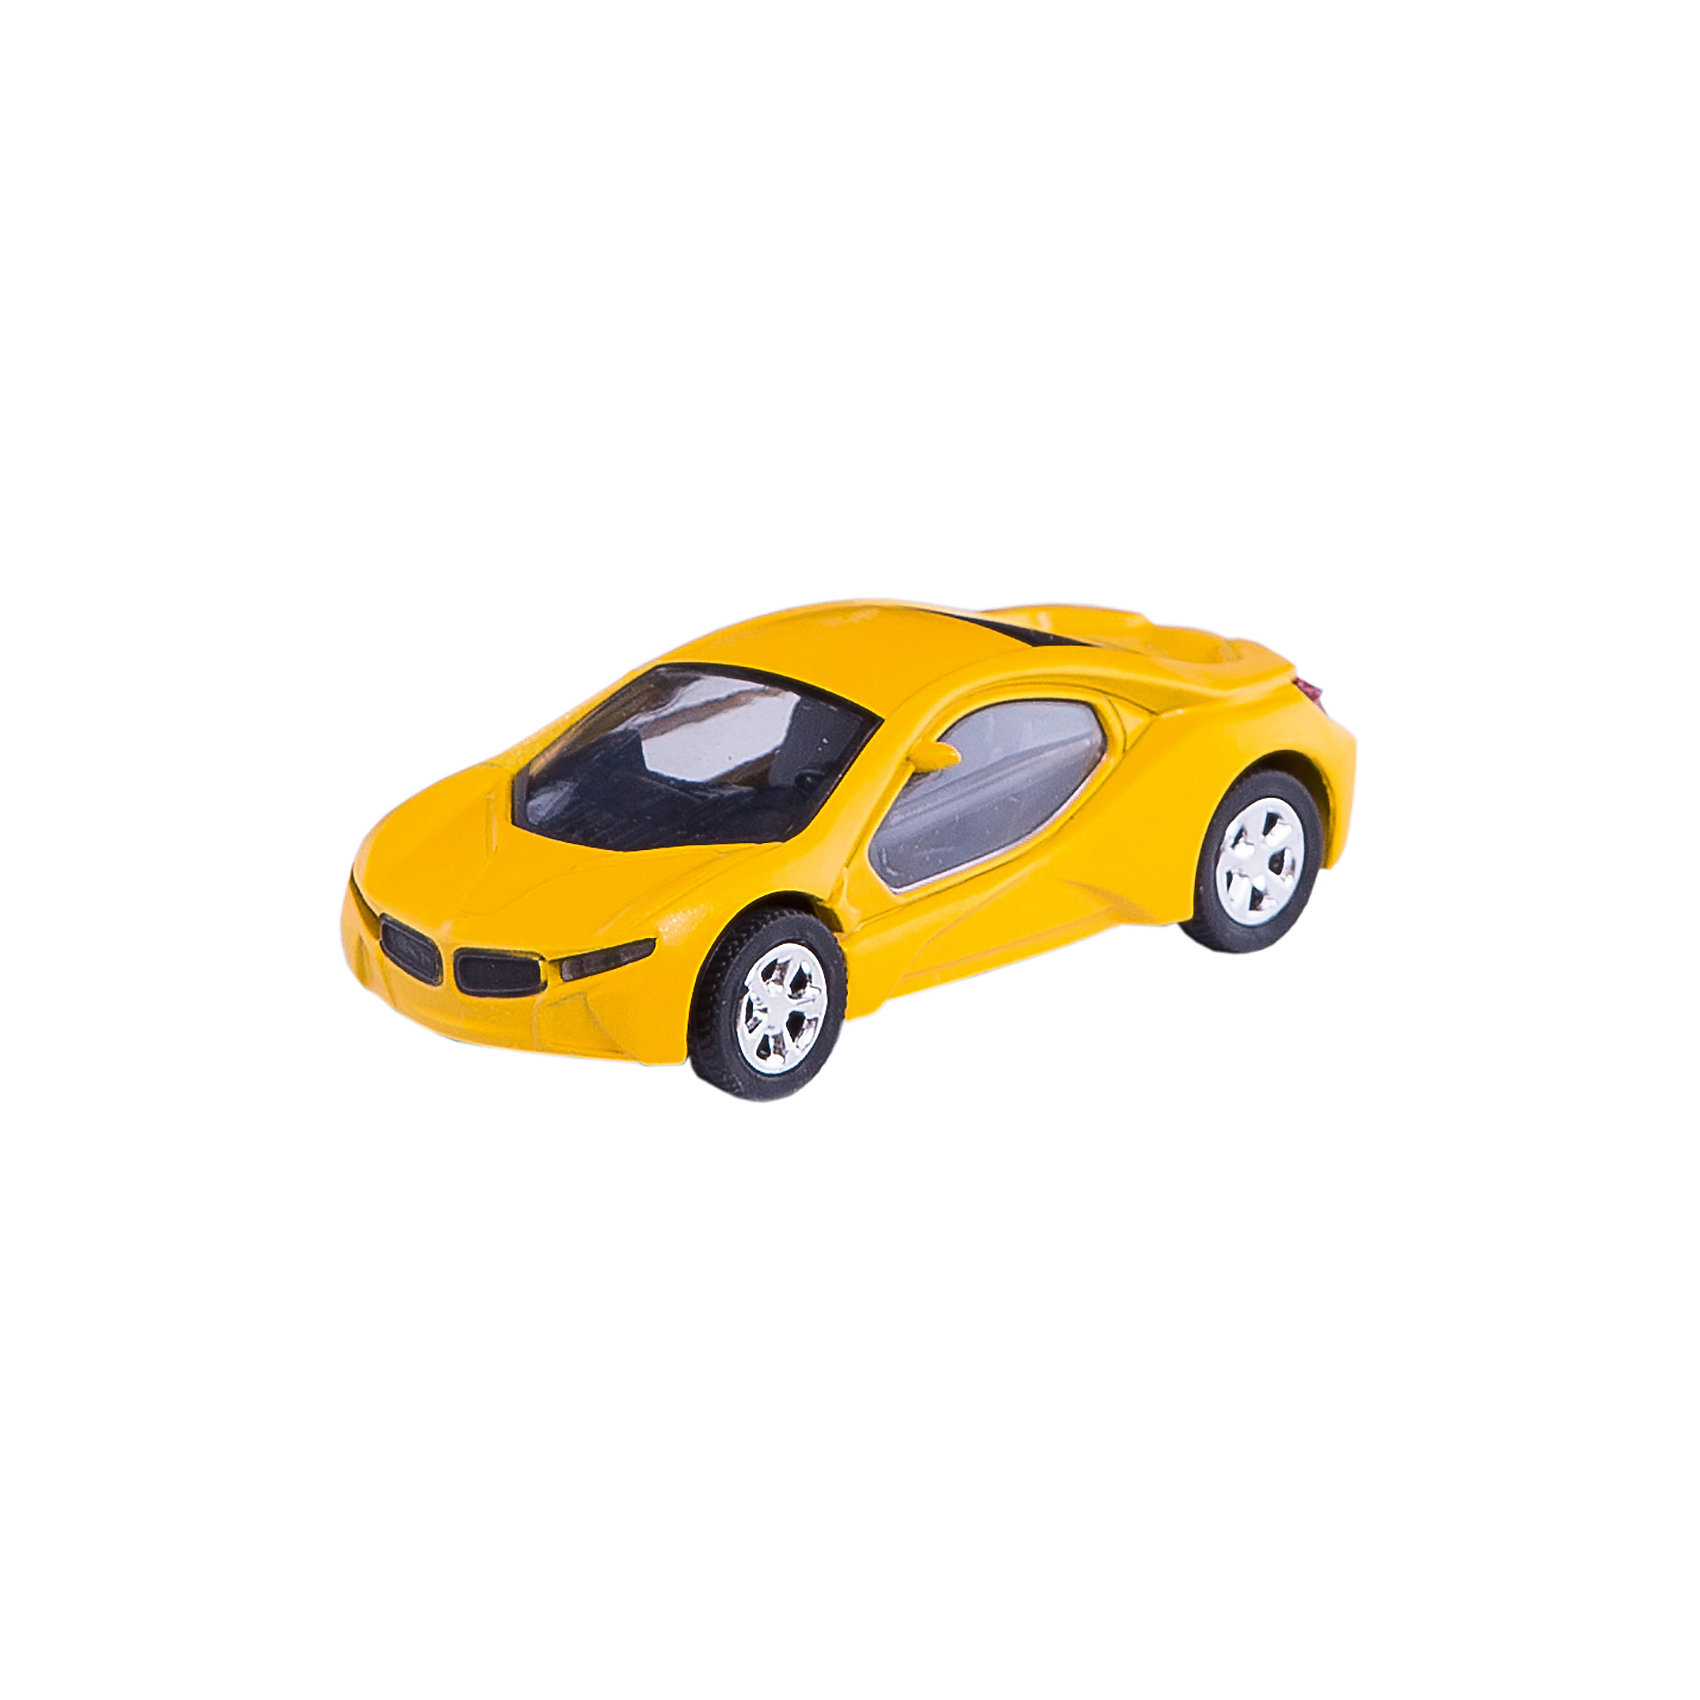 Машинка Bavaria Concept Car со светом фар 1:43, AutotimeМашинки<br><br><br>Ширина мм: 165<br>Глубина мм: 57<br>Высота мм: 75<br>Вес г: 13<br>Возраст от месяцев: 36<br>Возраст до месяцев: 2147483647<br>Пол: Мужской<br>Возраст: Детский<br>SKU: 5584029